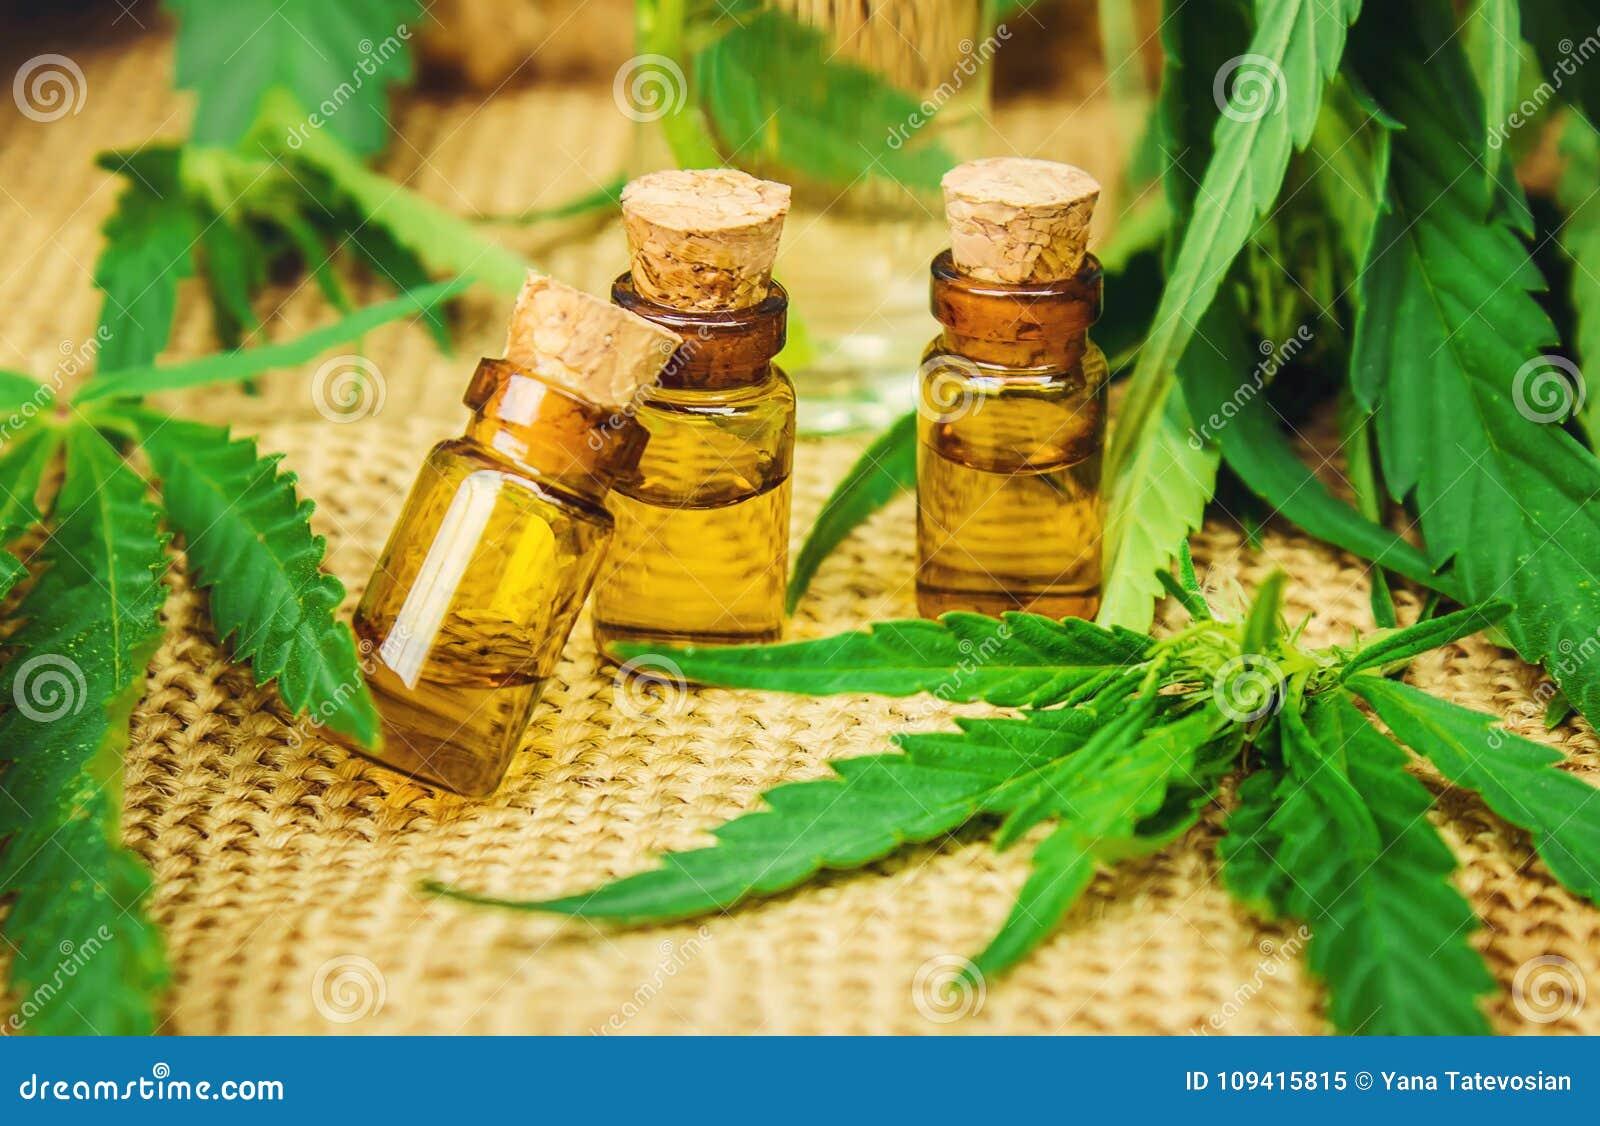 Отвар марихуаны мама марихуана скачать бесплатно